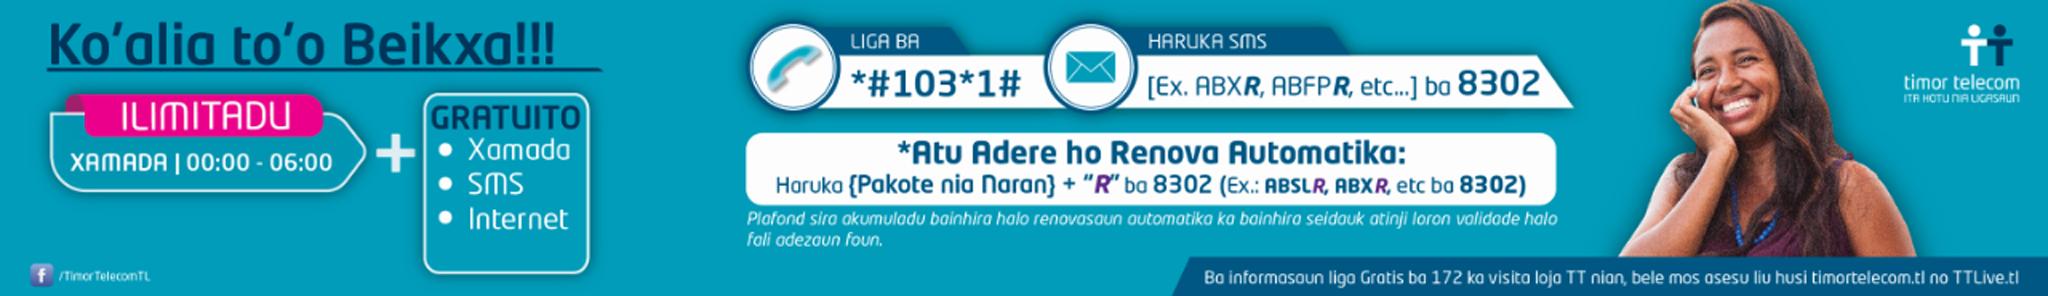 Timor-Telecom